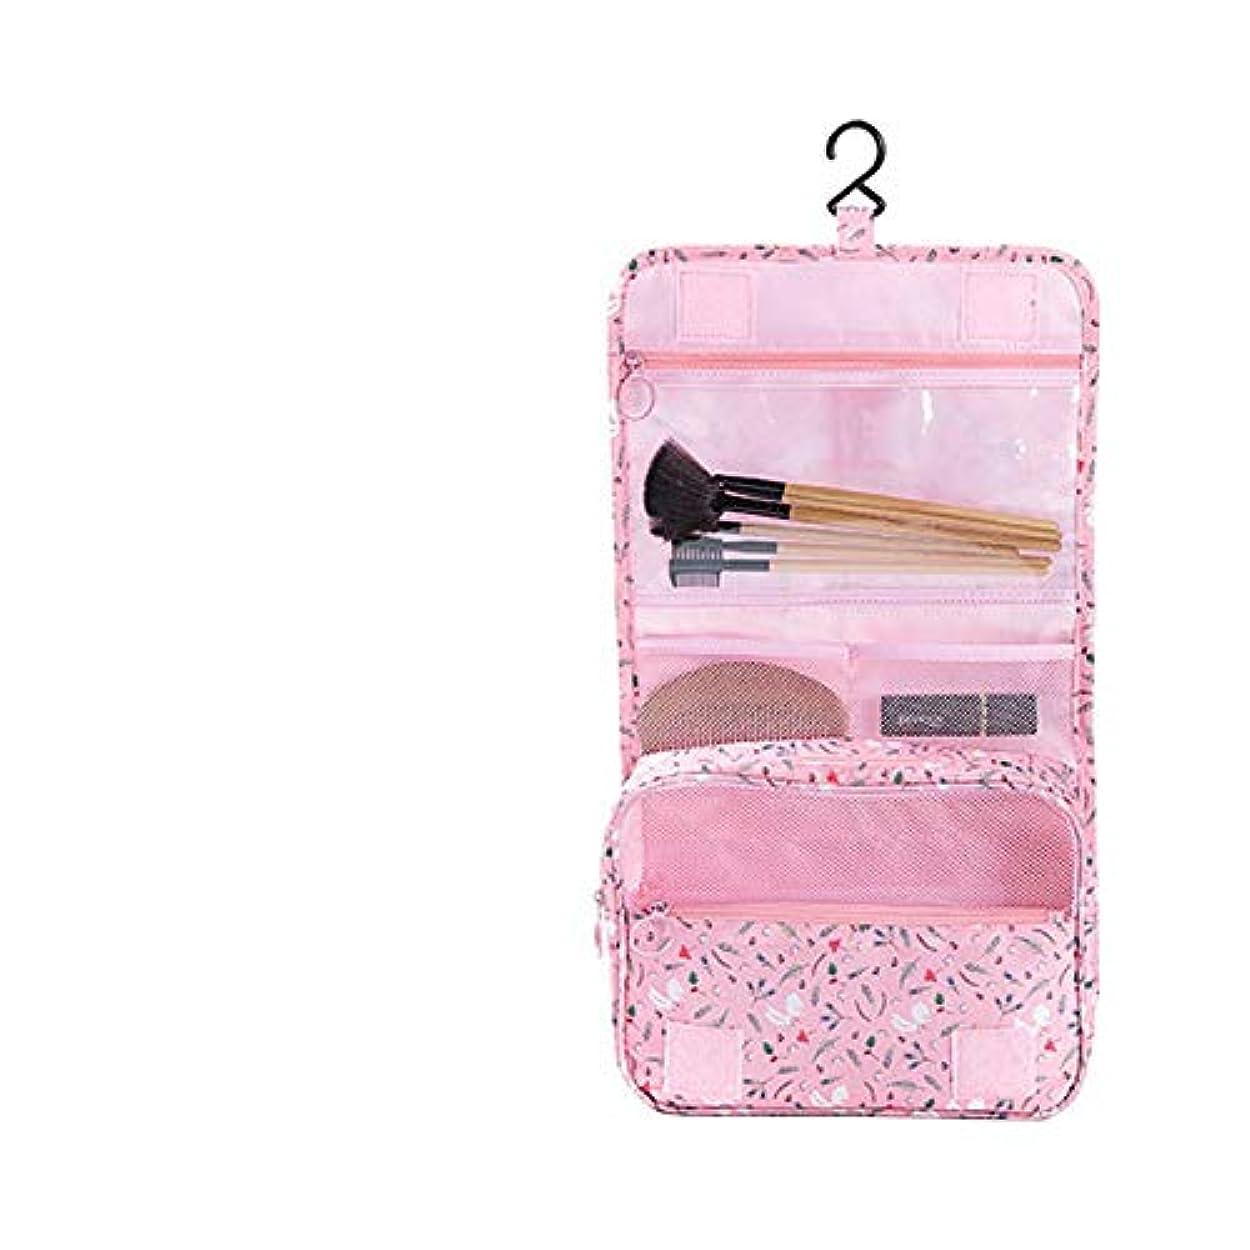 モッキンバードピカリング先化粧品袋 旅行化粧化粧品バッグオーガナイザー化粧品トイレタリーバッグ防水ぶら下げフックオーガナイザーケース